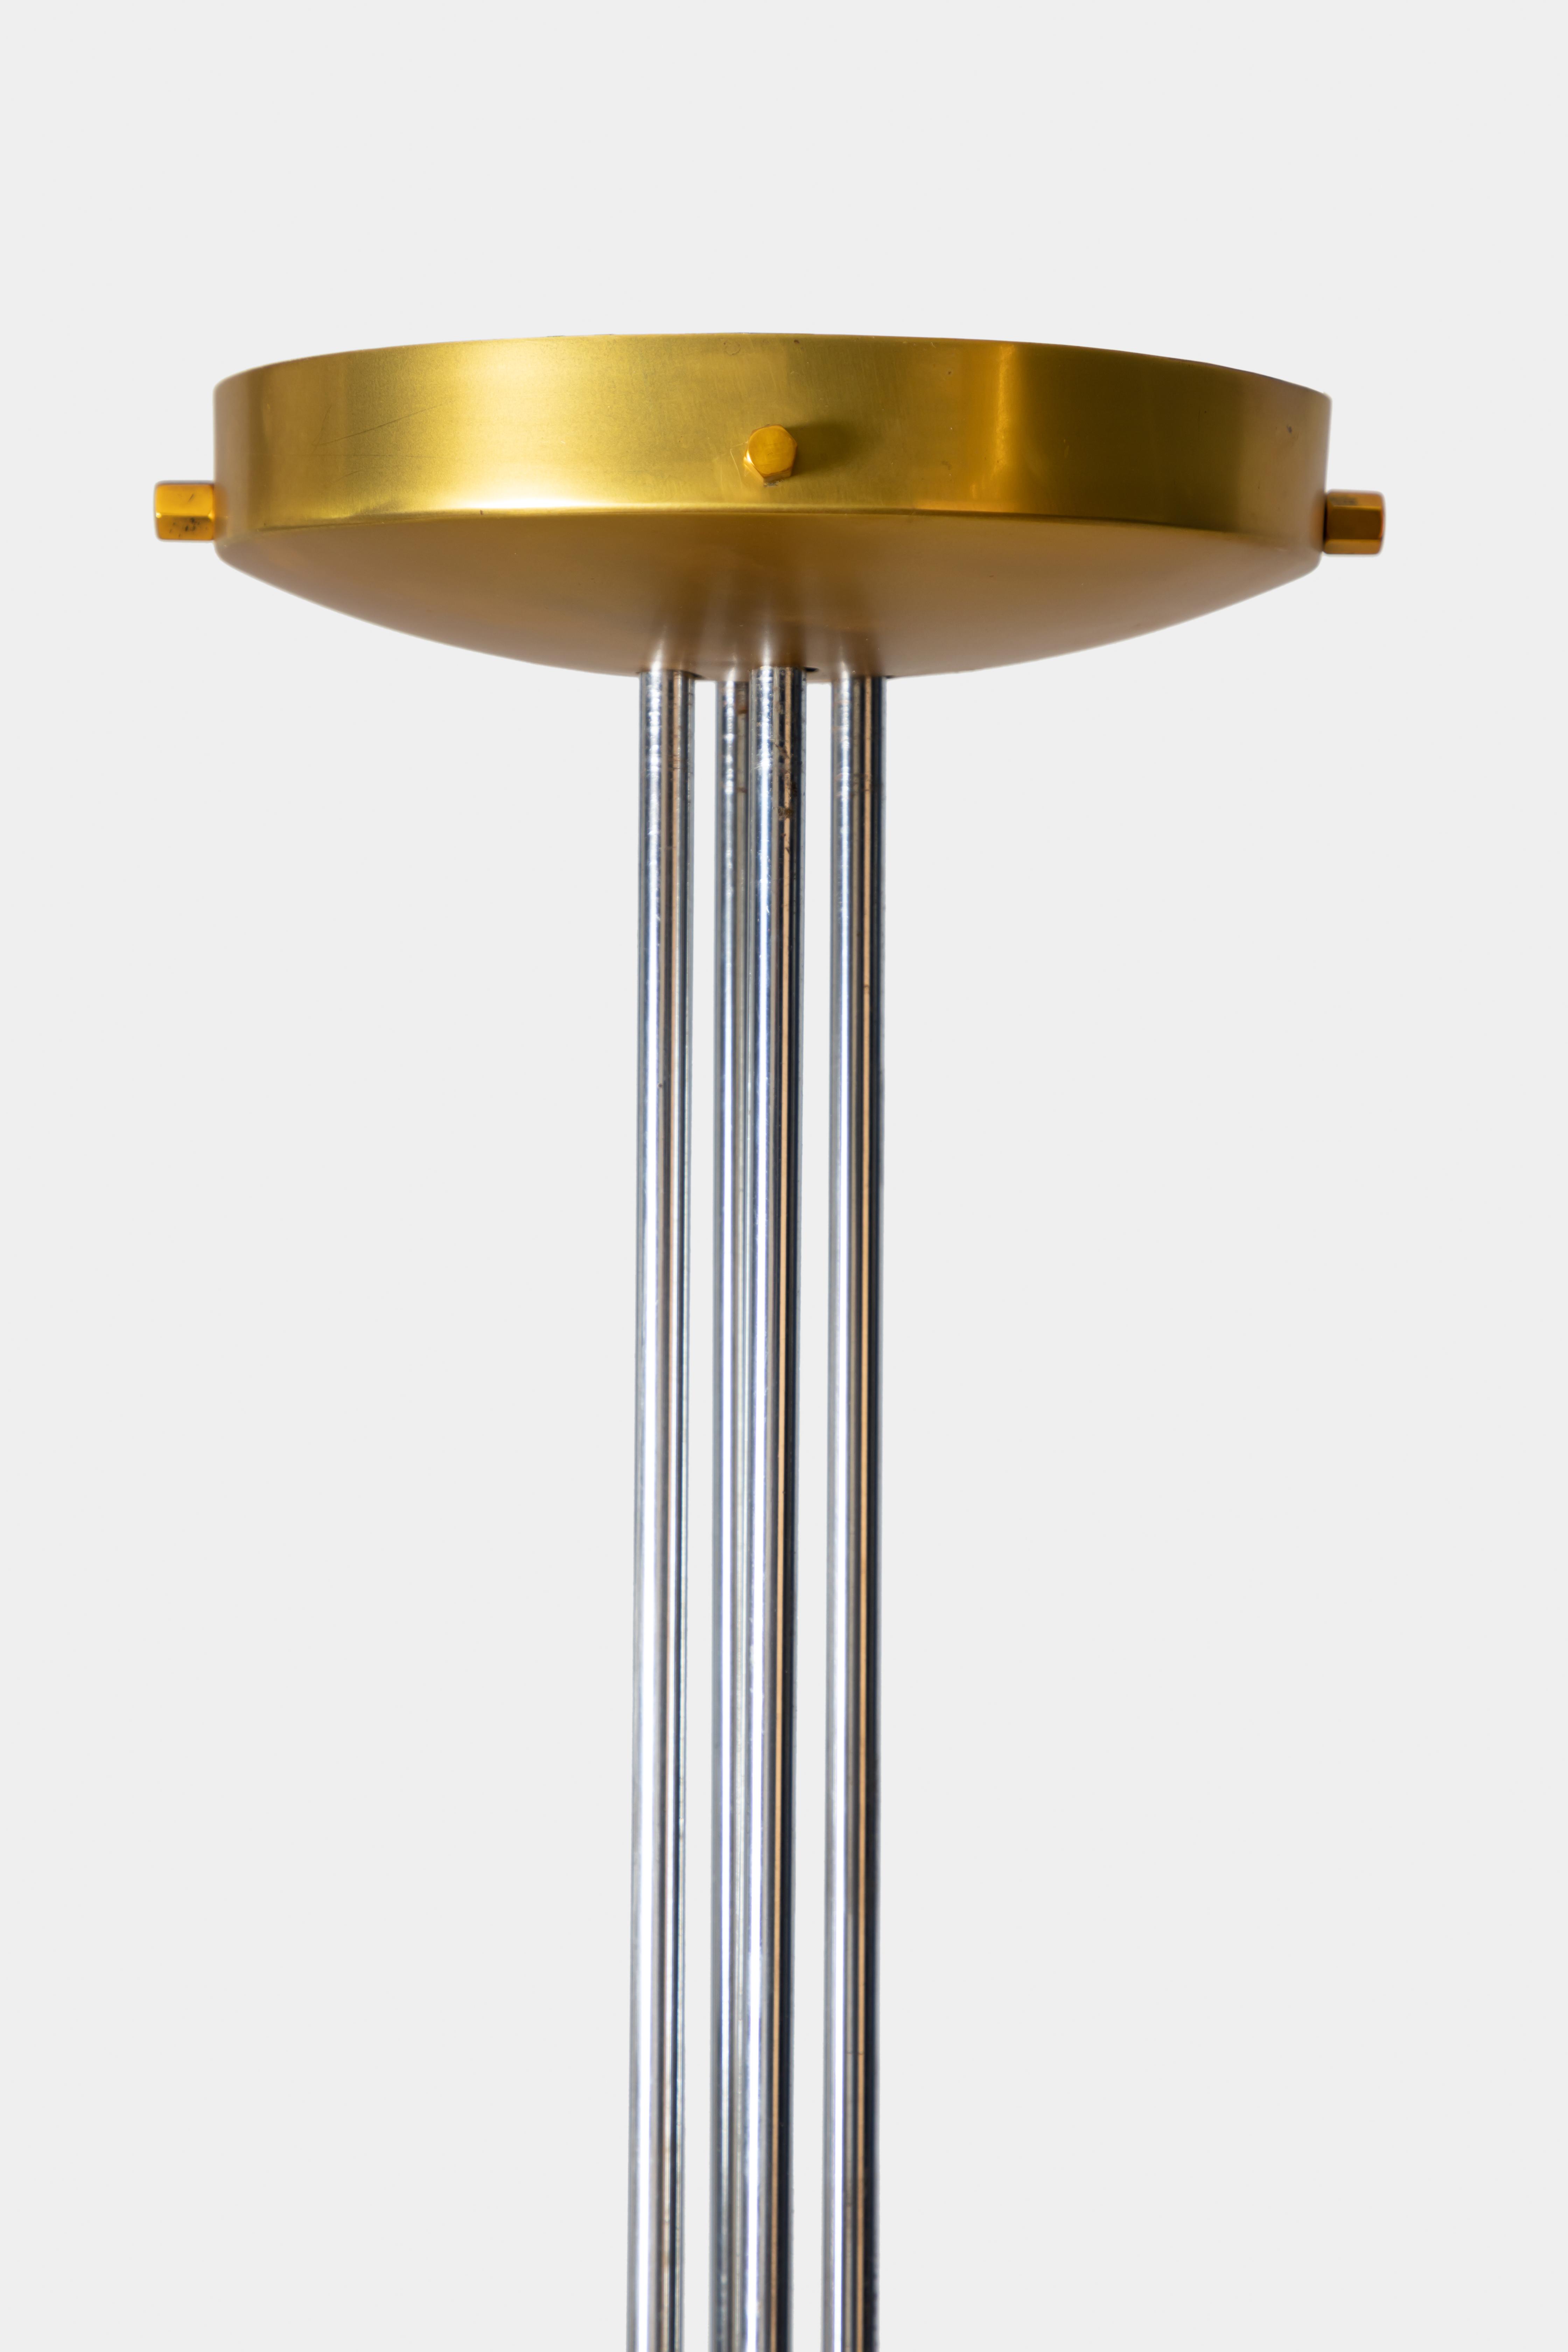 STI405-7 by  | soyun k.